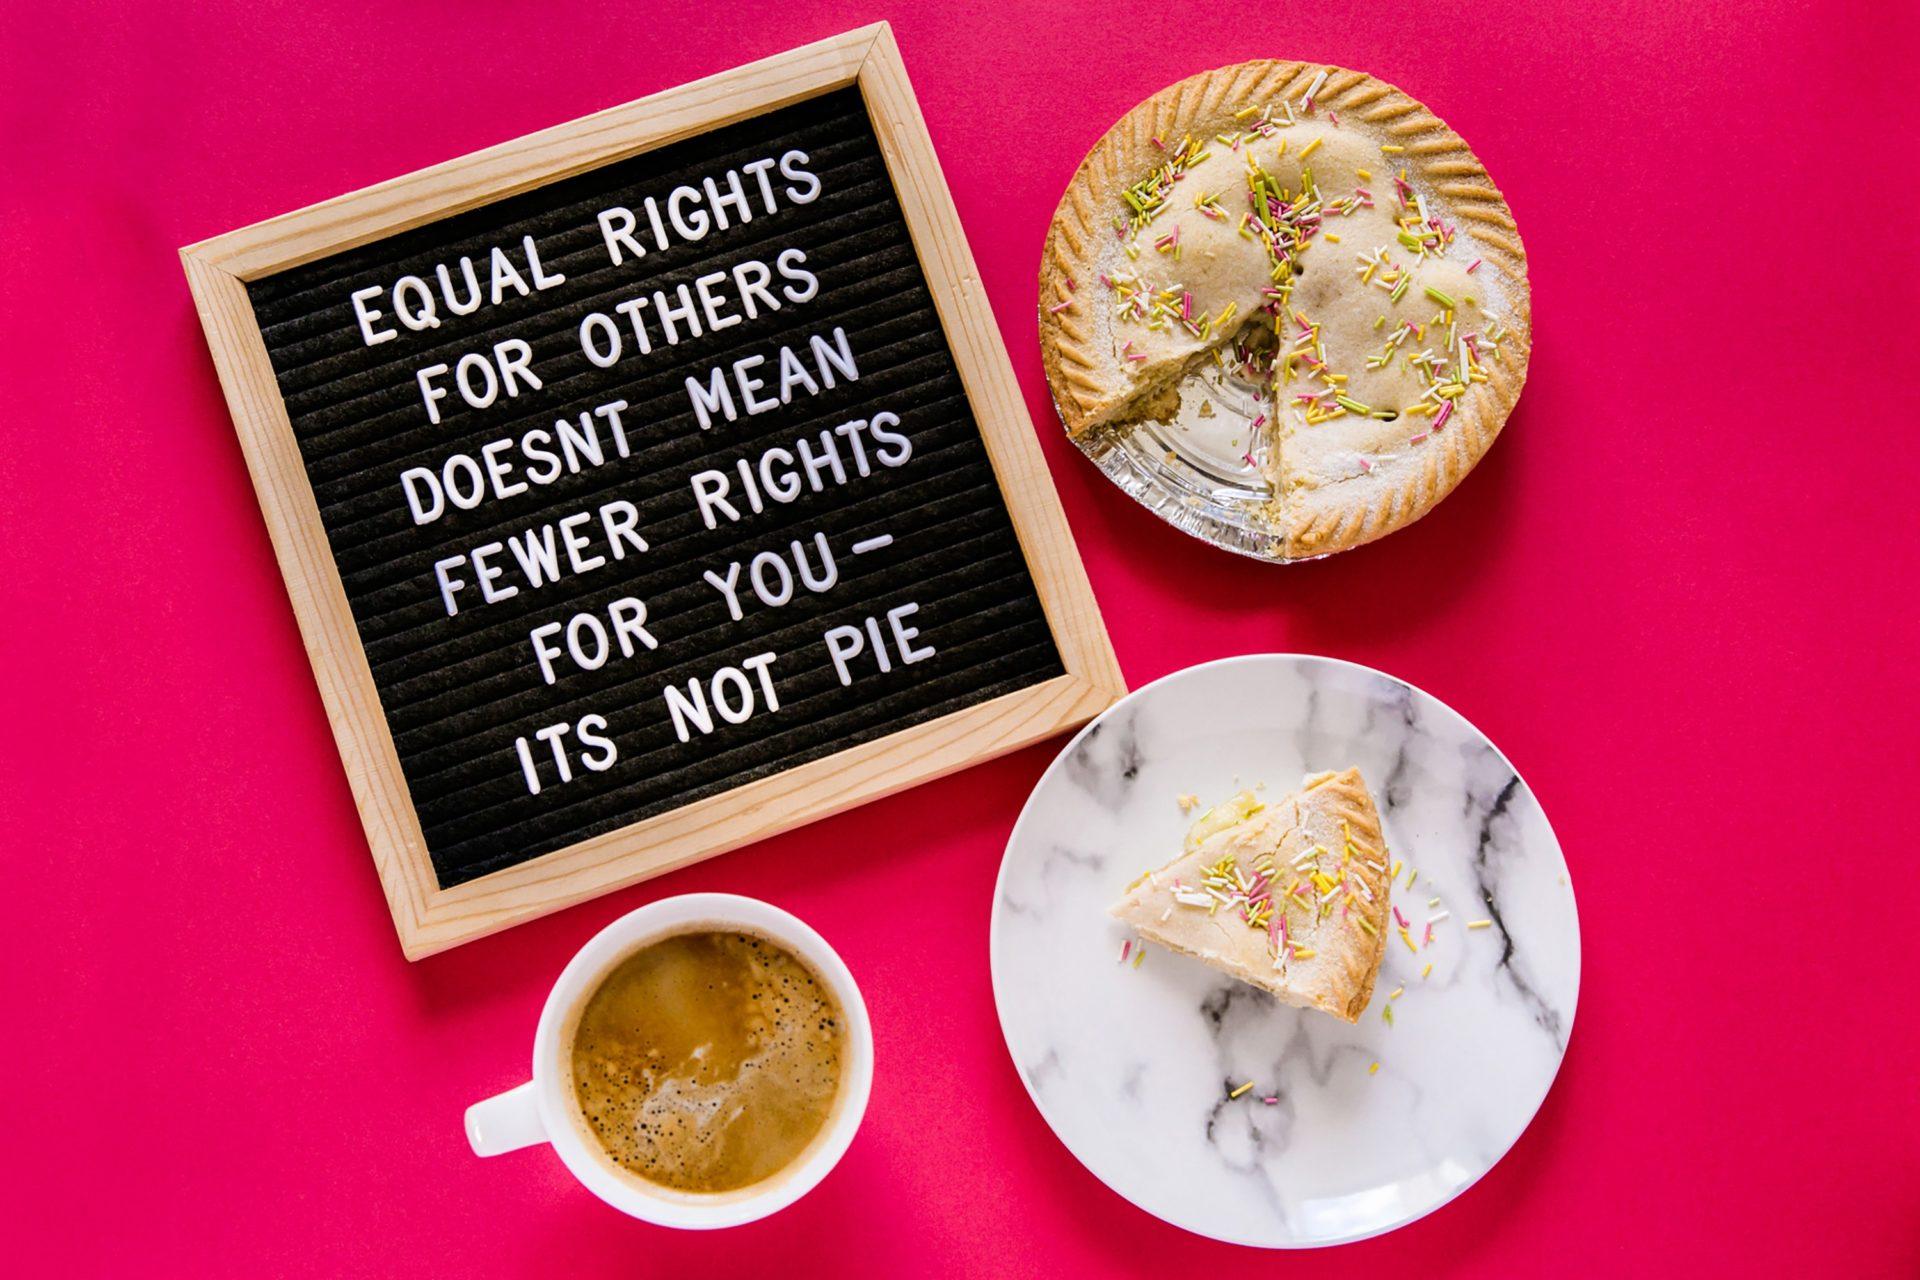 Non-binaire et féministe: oui, ça se peut!